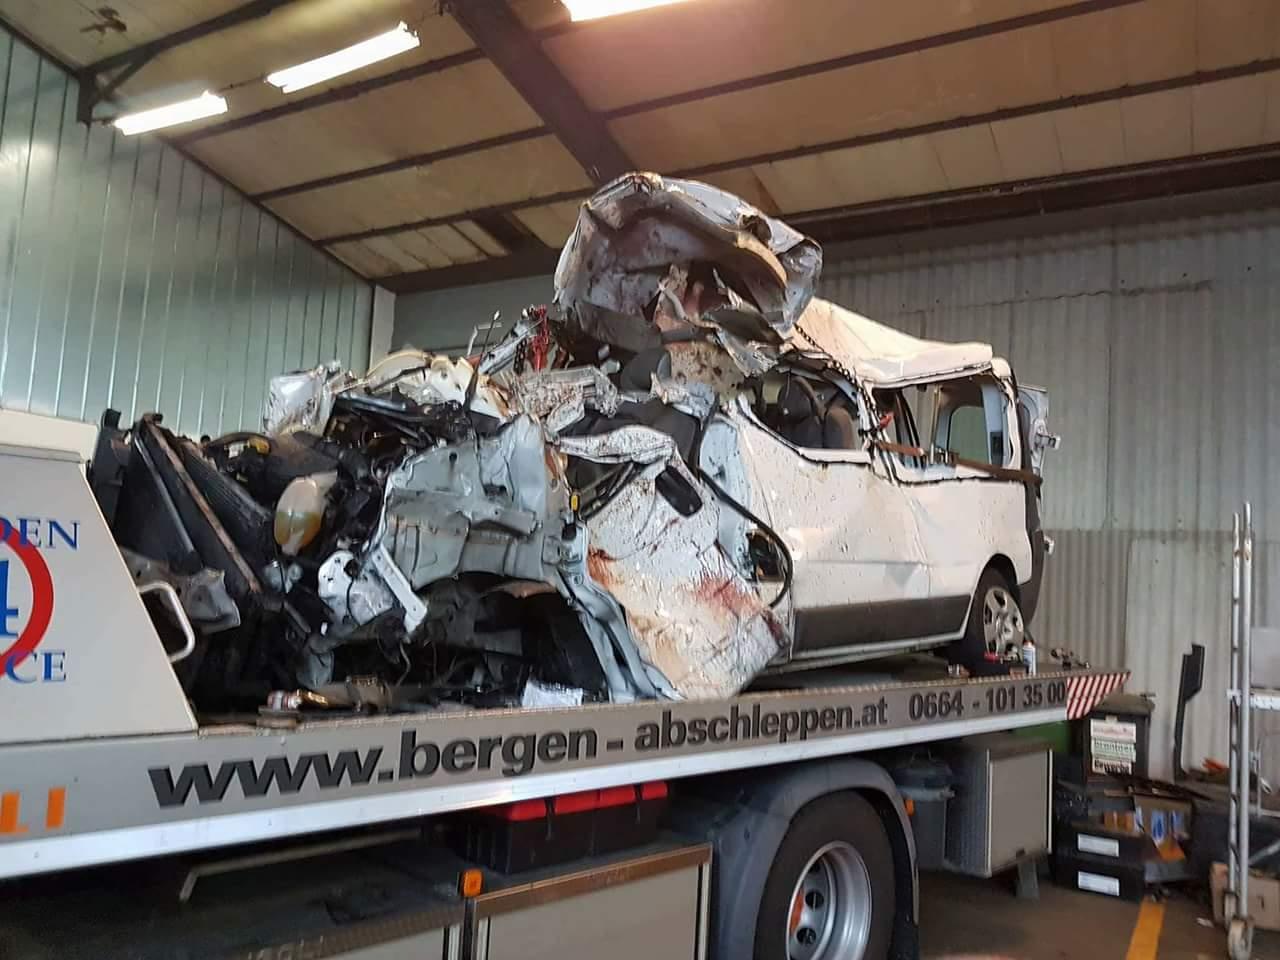 Autocarul implicat în accidentul din Viena, o grămadă de fier vechi. Imagini care îți dau fiori